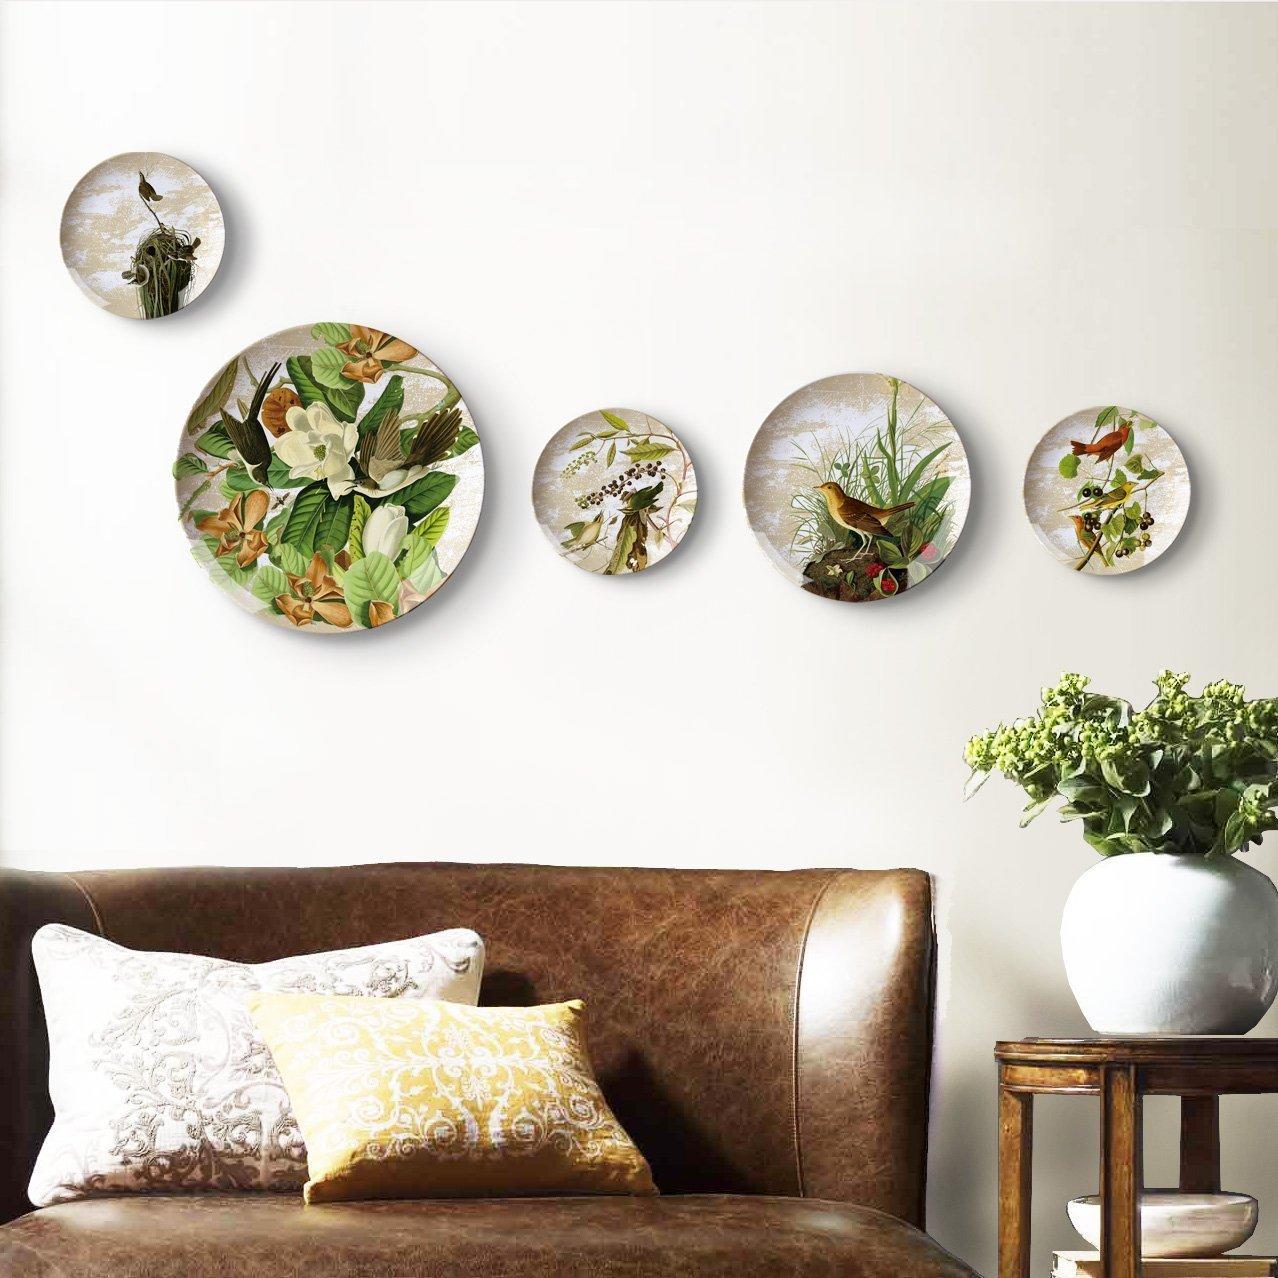 Как разместить тарелки на стене фото